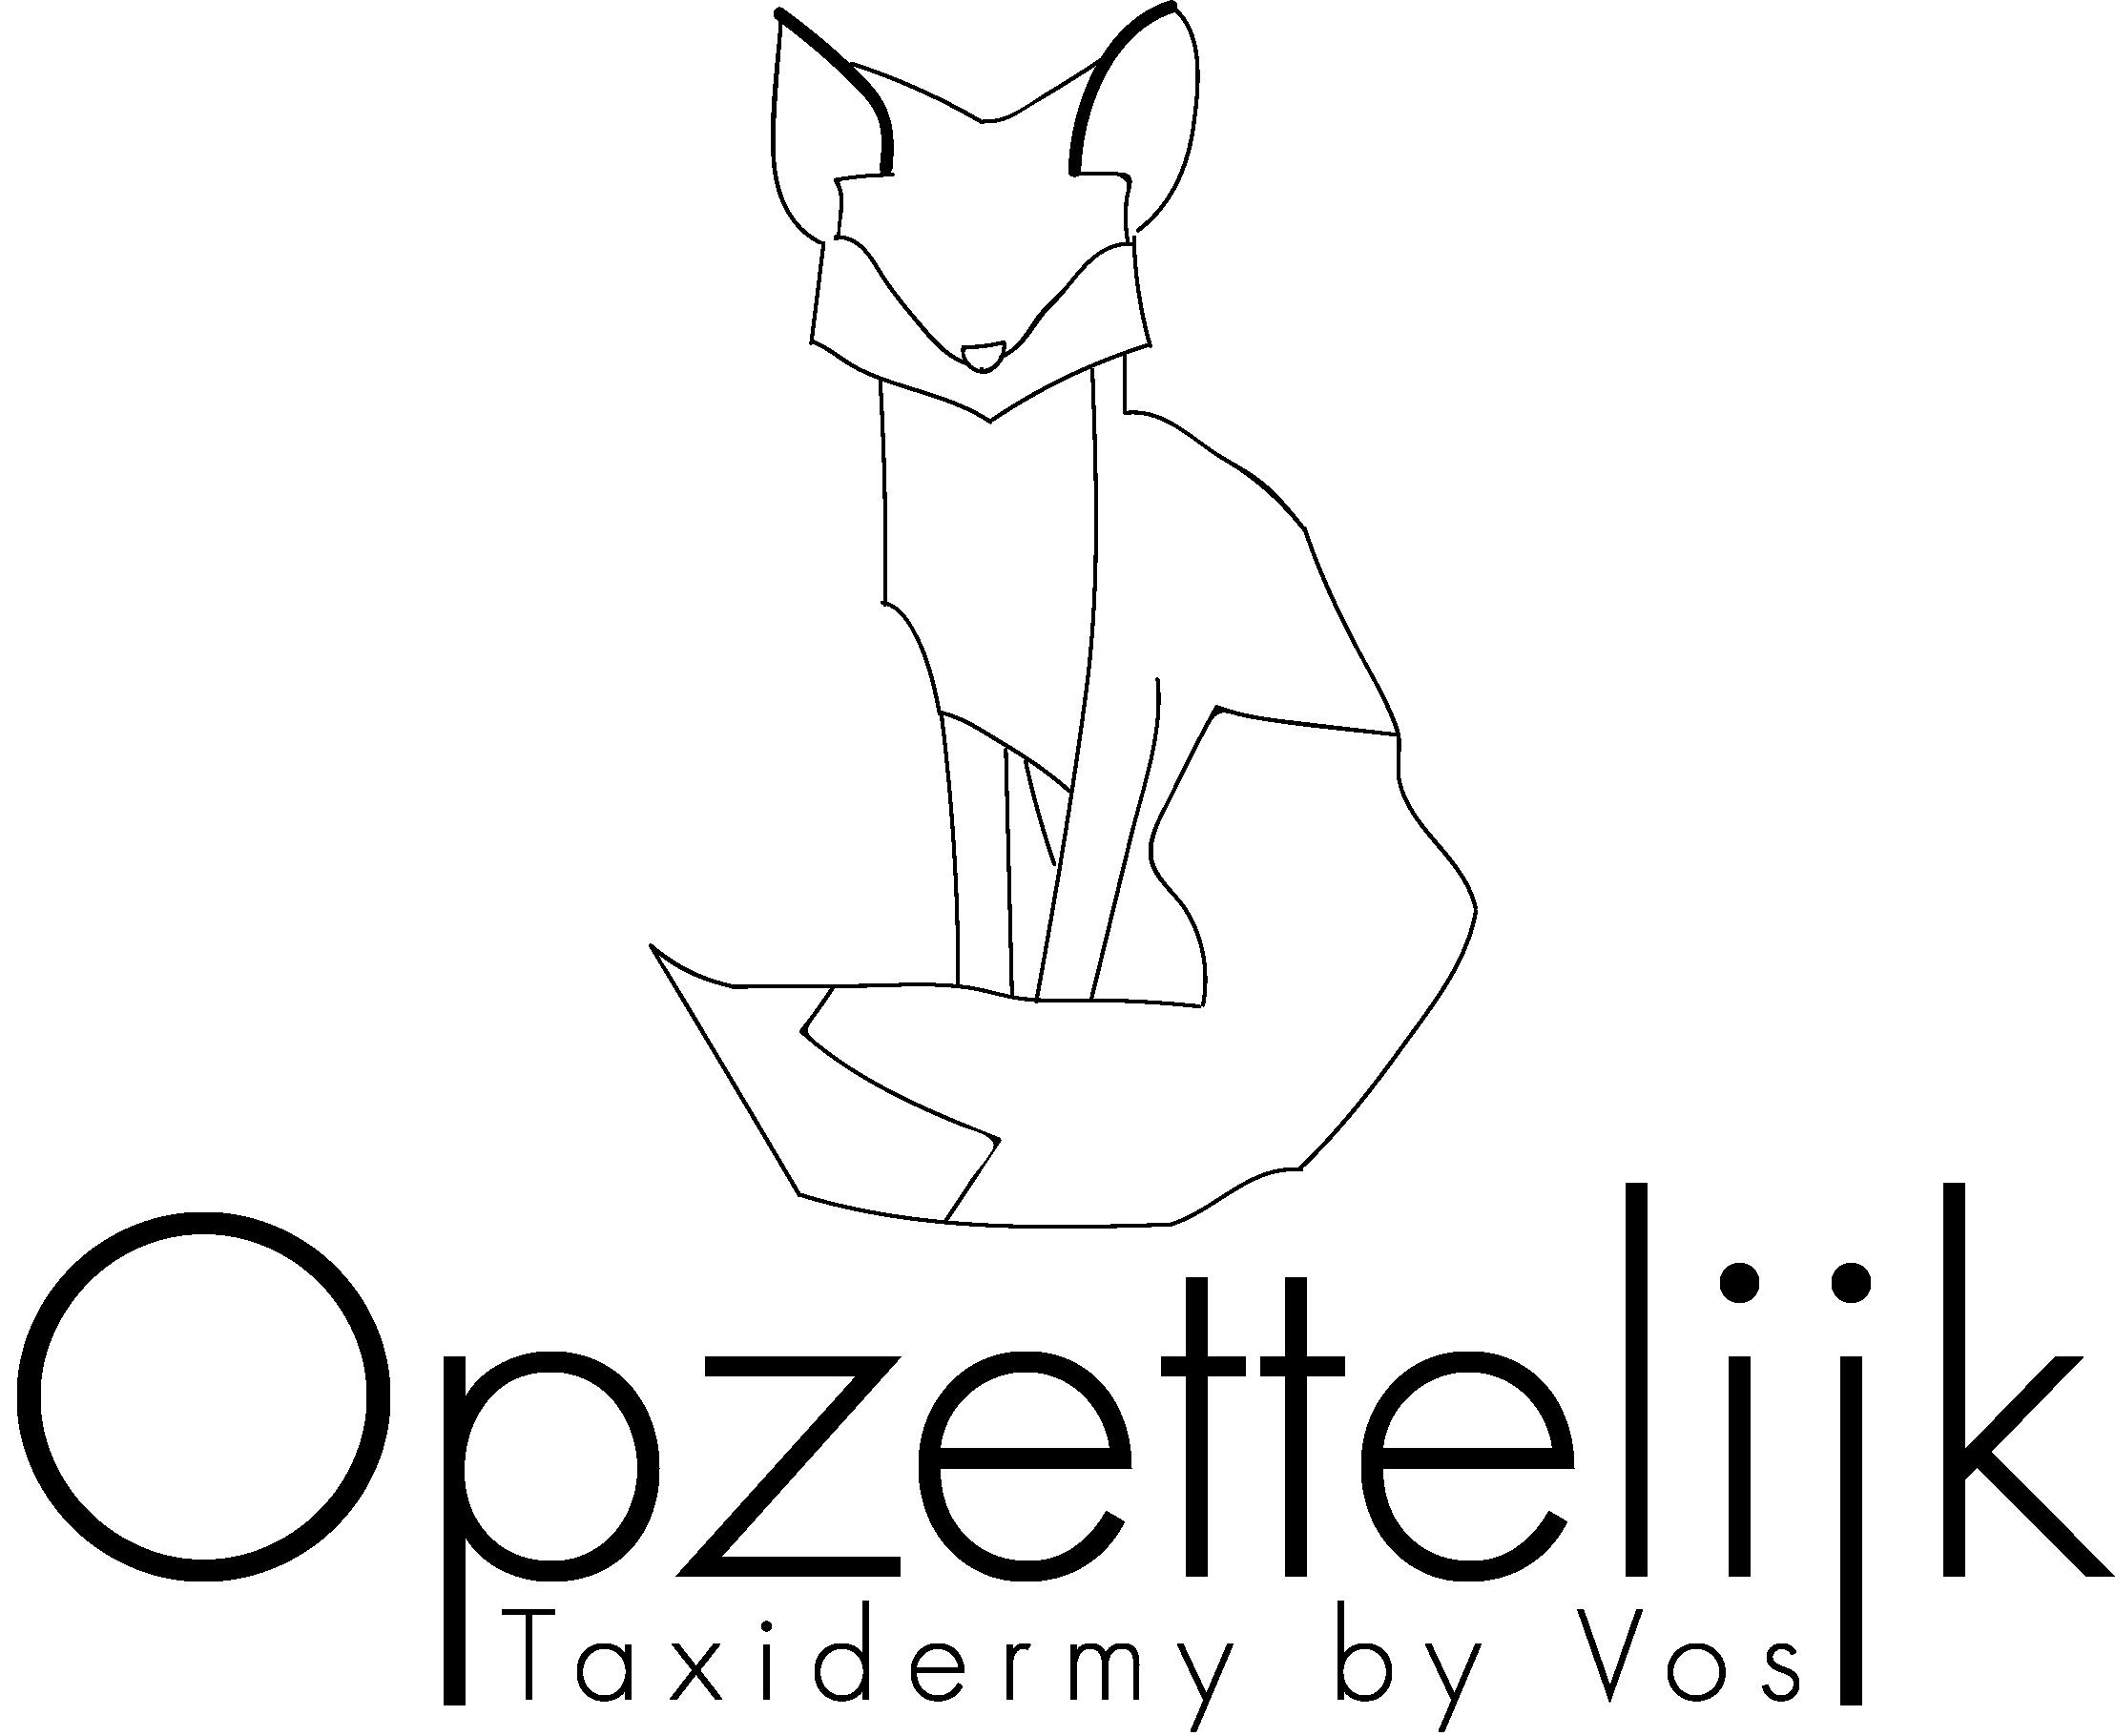 logo opzettelijk met ondertekst